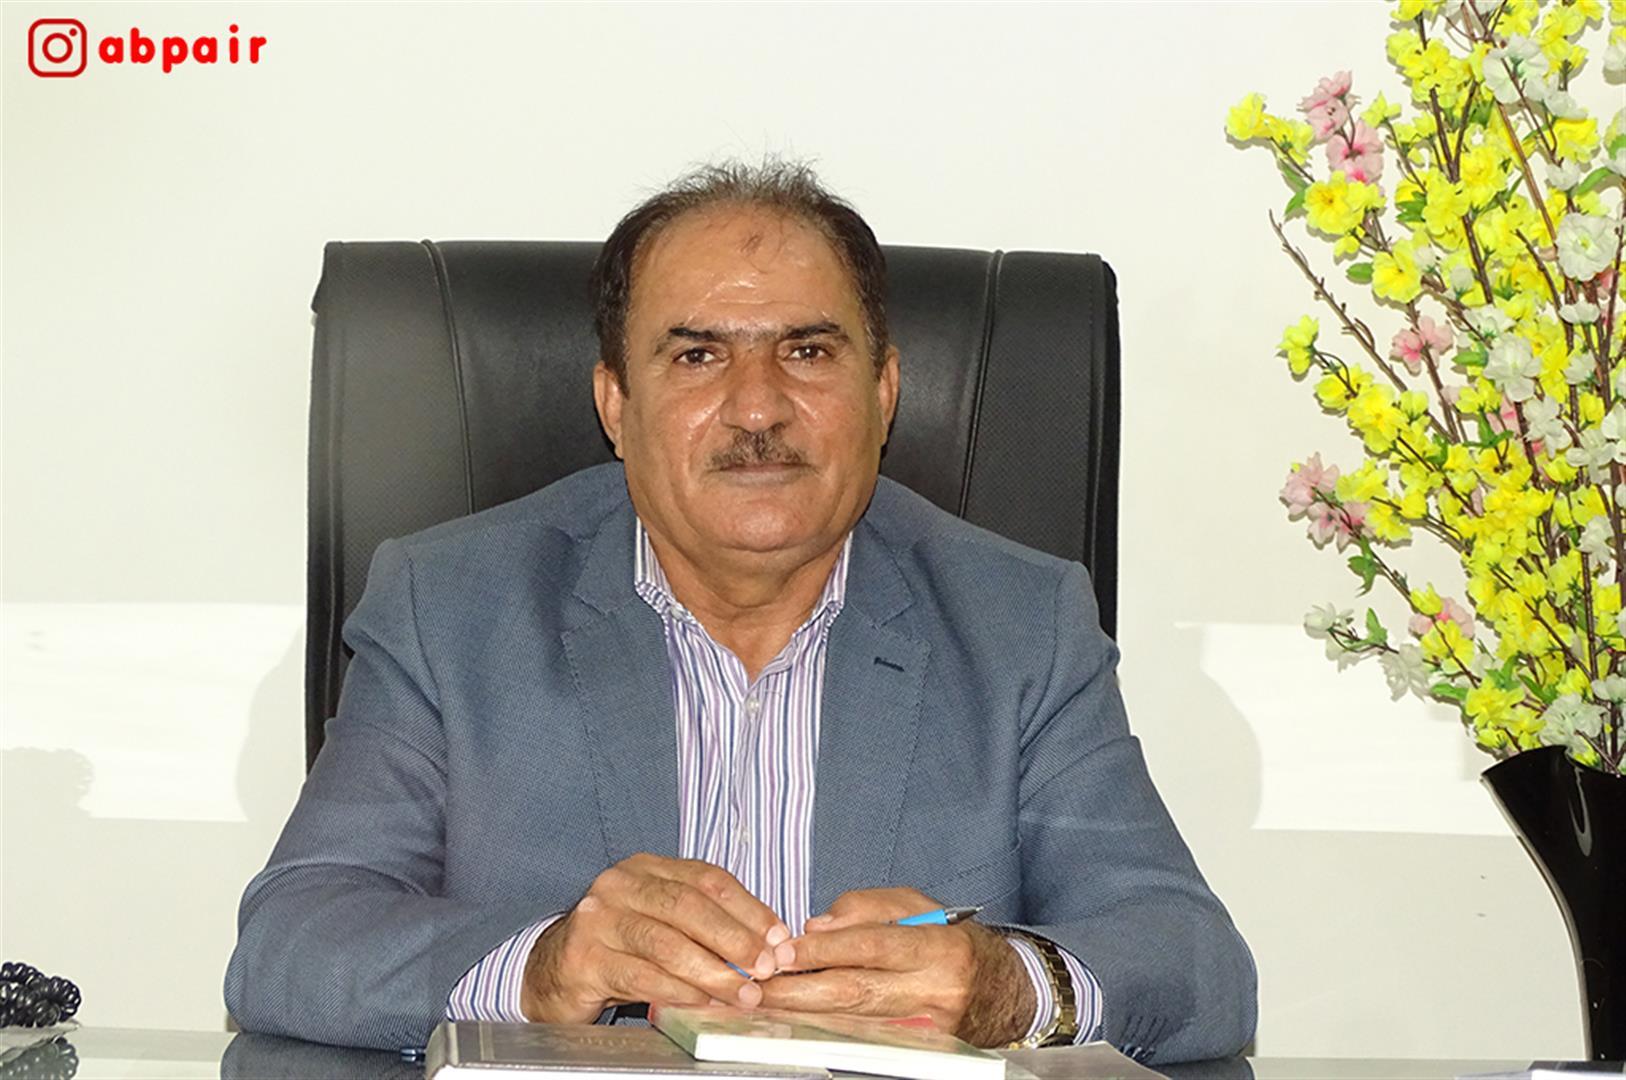 گفتگوی آبپا با نوشادی رئیس شورای شهر فراشبند